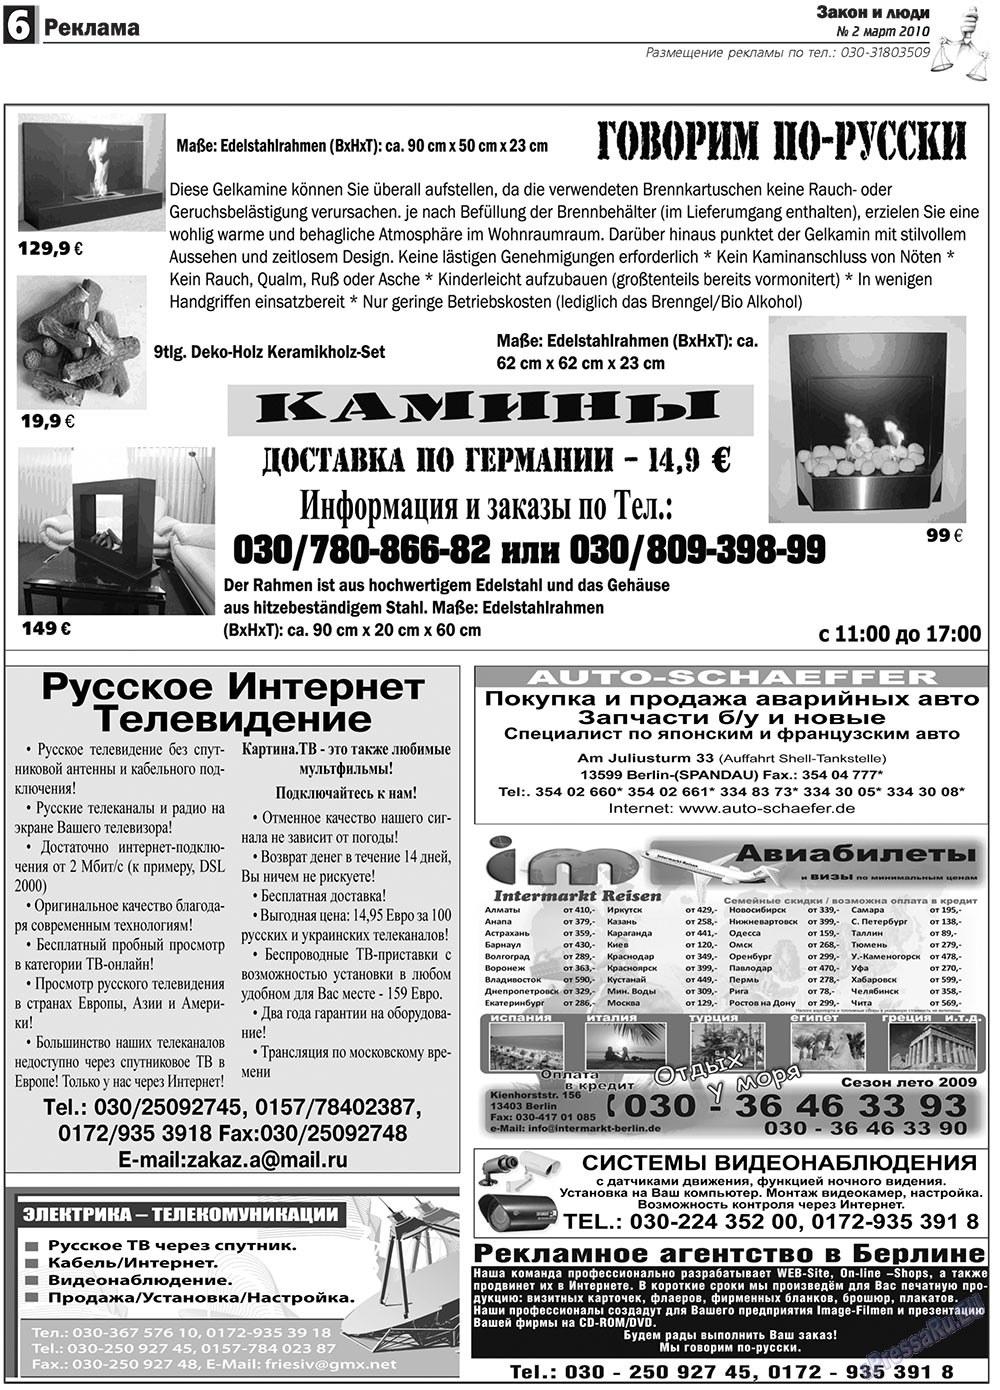 Закон и люди (газета). 2010 год, номер 2, стр. 6